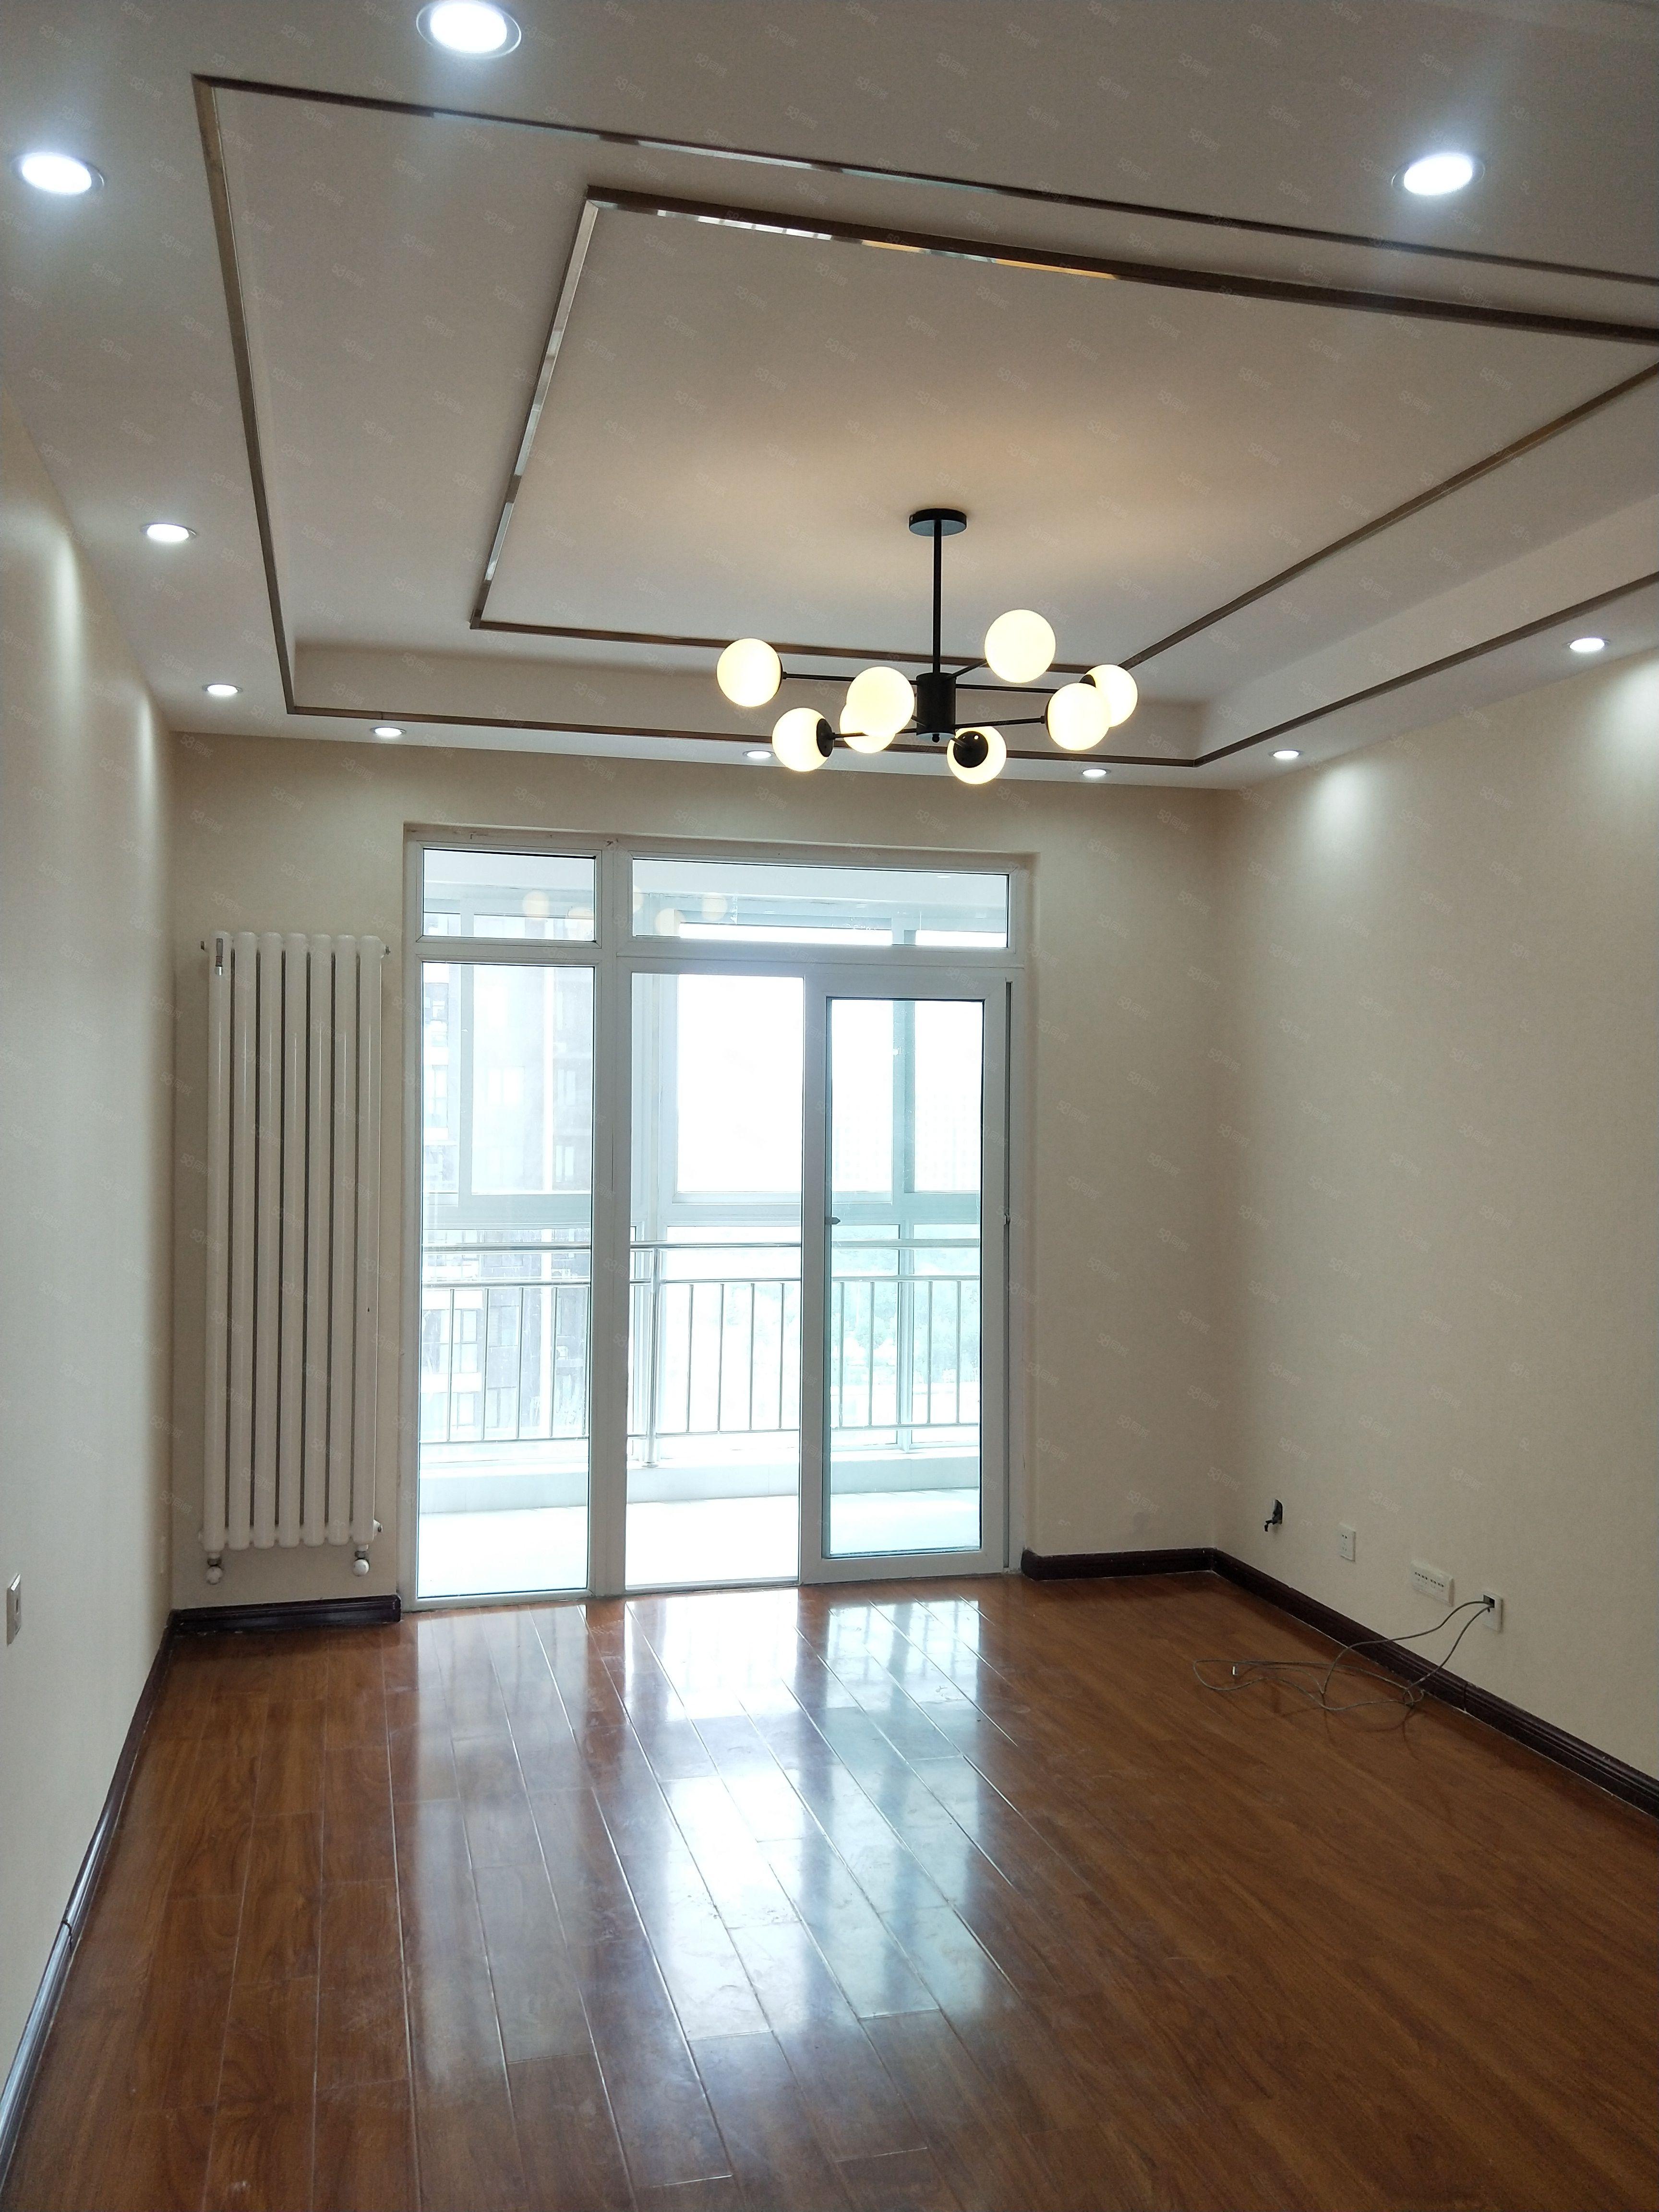 建業桂圓南北通透小三室已裝修65萬誠意出售隨時看房